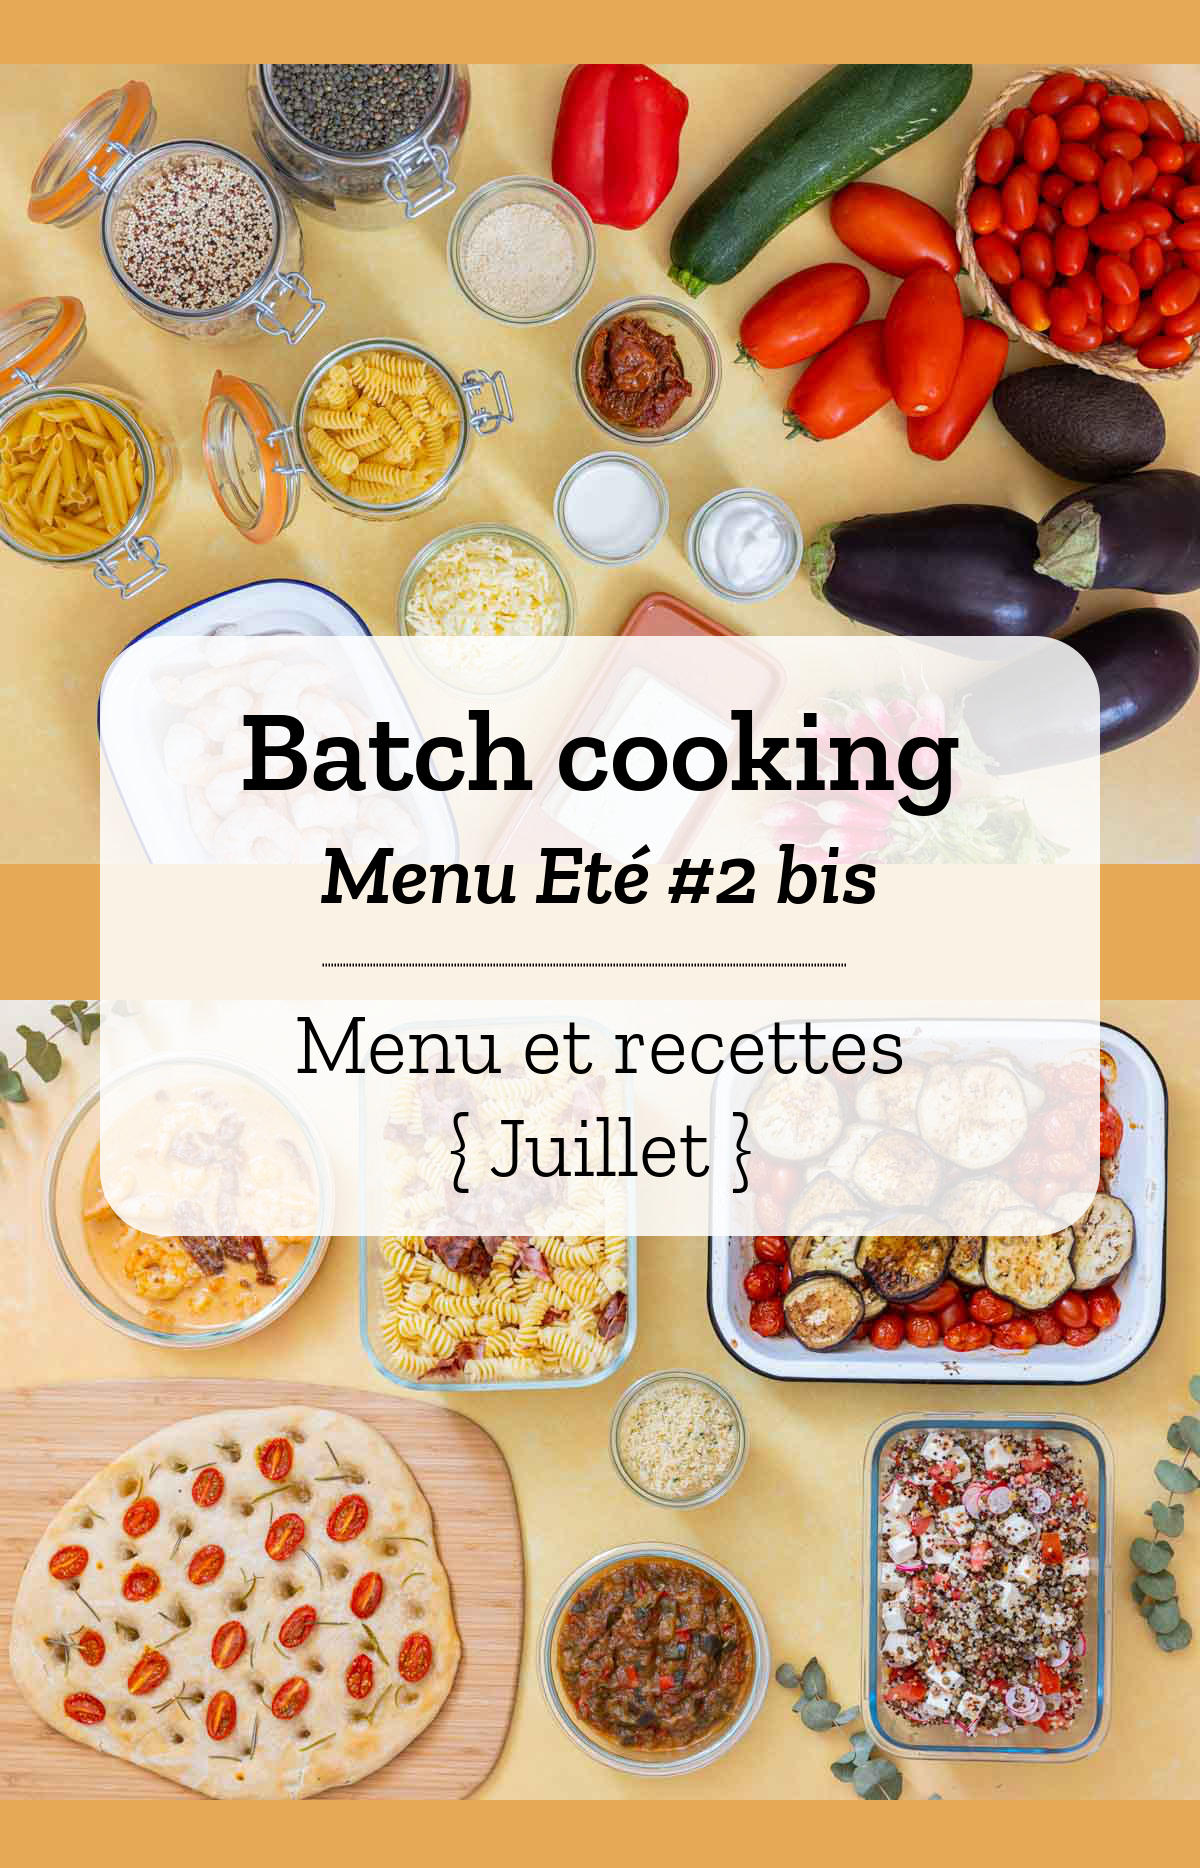 Batch cooking Eté #2 bis – Mois de Juillet 2020 – Semaine 27